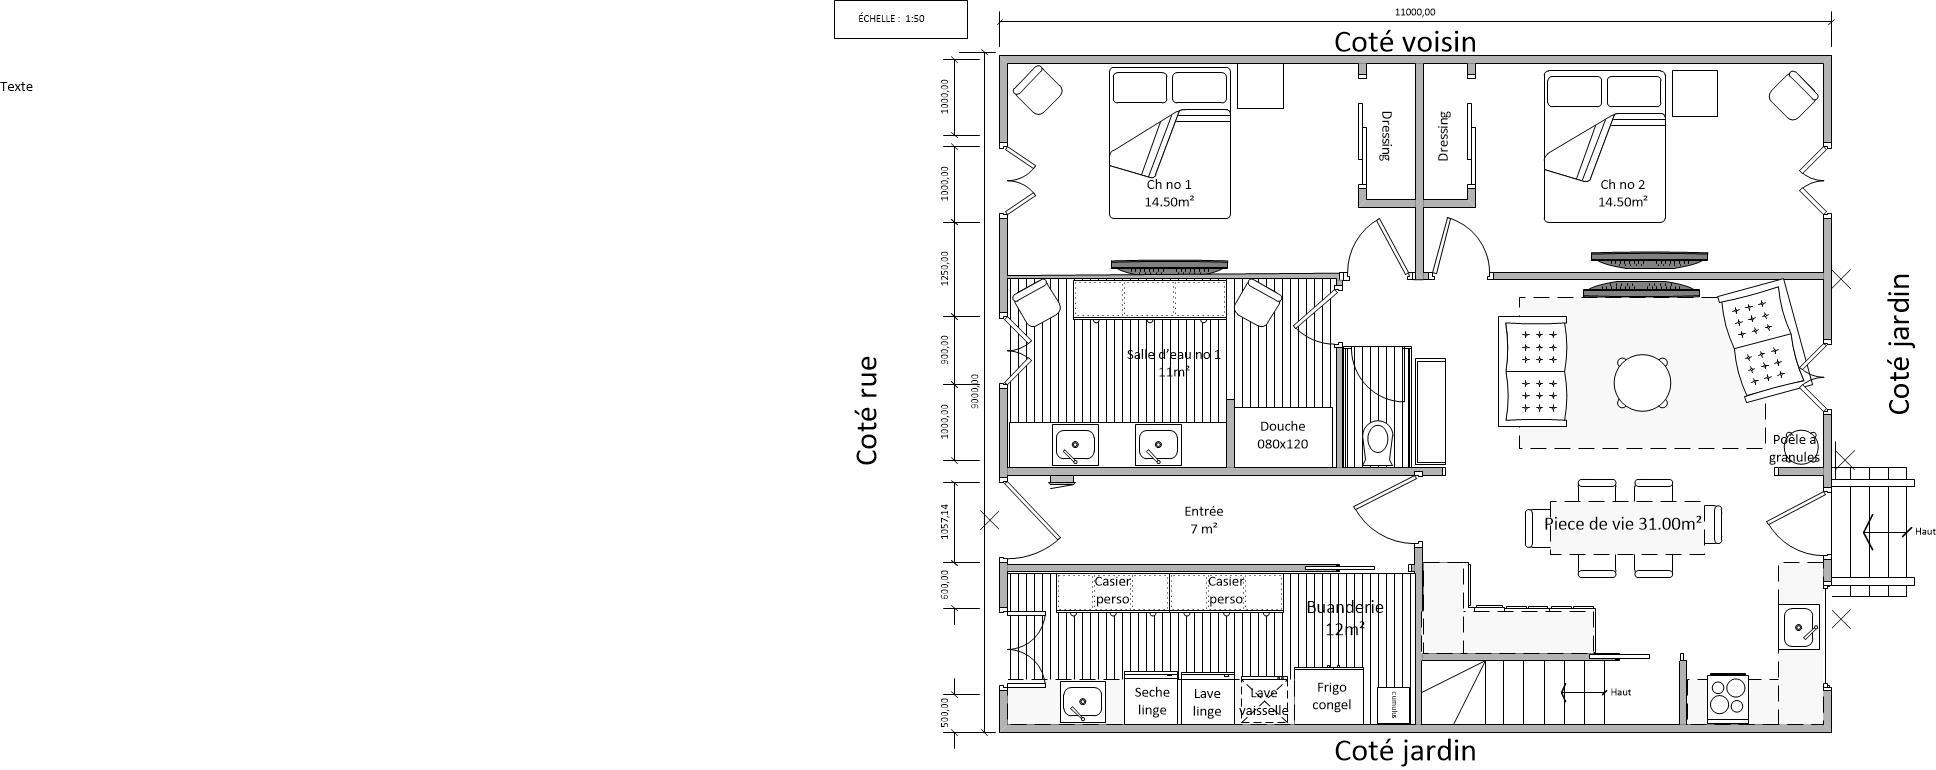 Cuisine-Colocation   & Location Chambre à louer     Loue chambre meublée     Logement